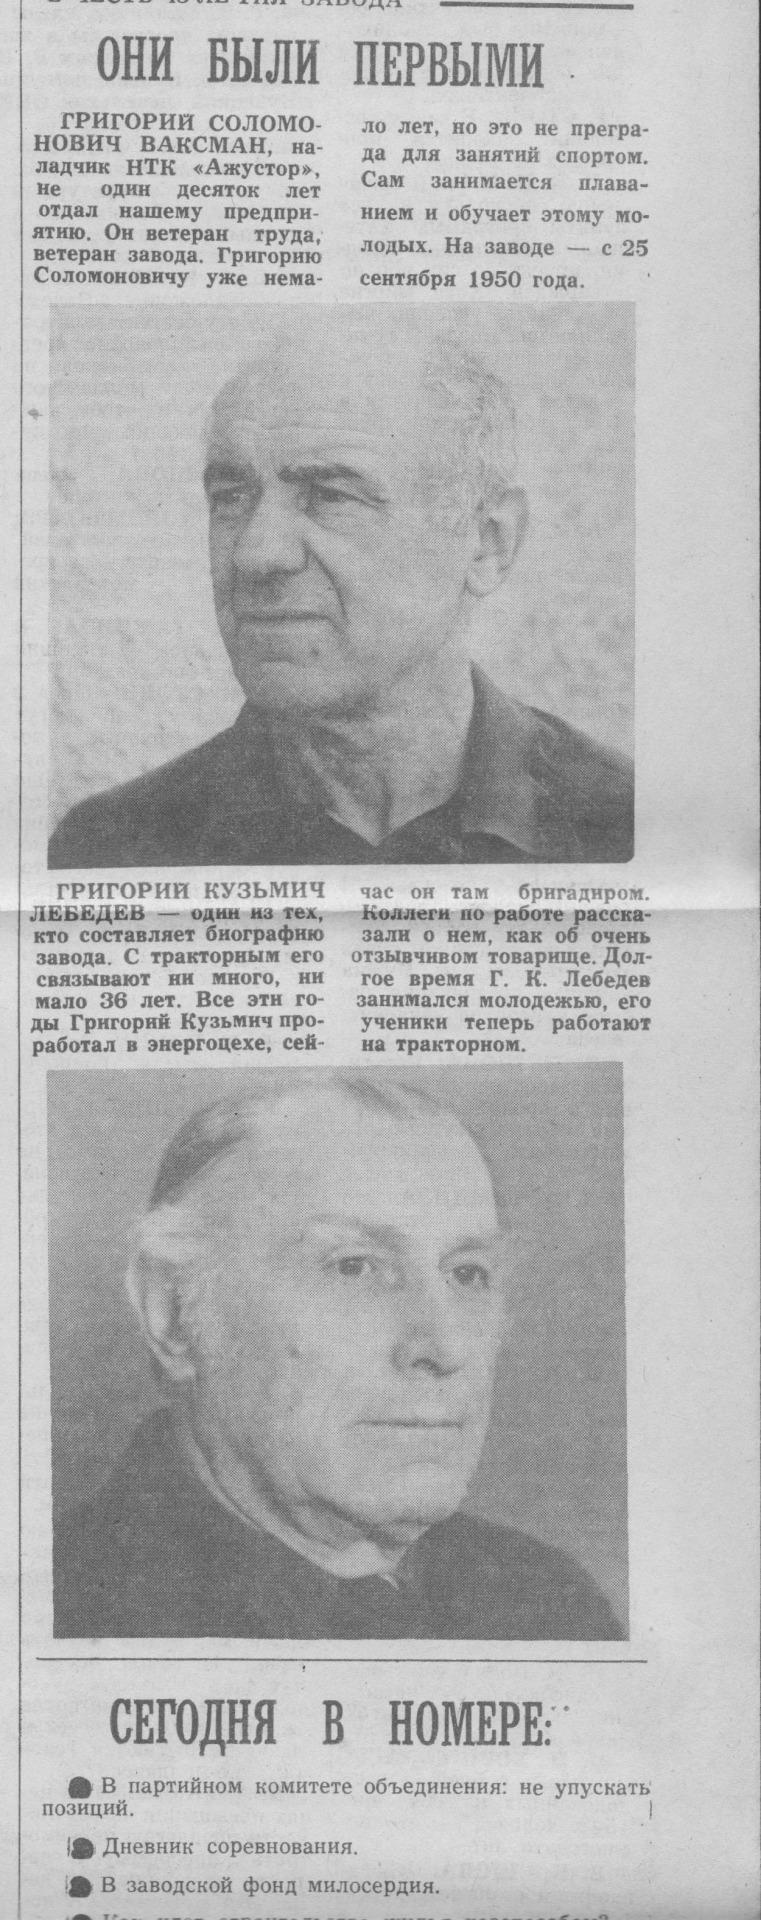 Ветераны КТЗ Ваксман Г.С. и Лебедев Г.К.